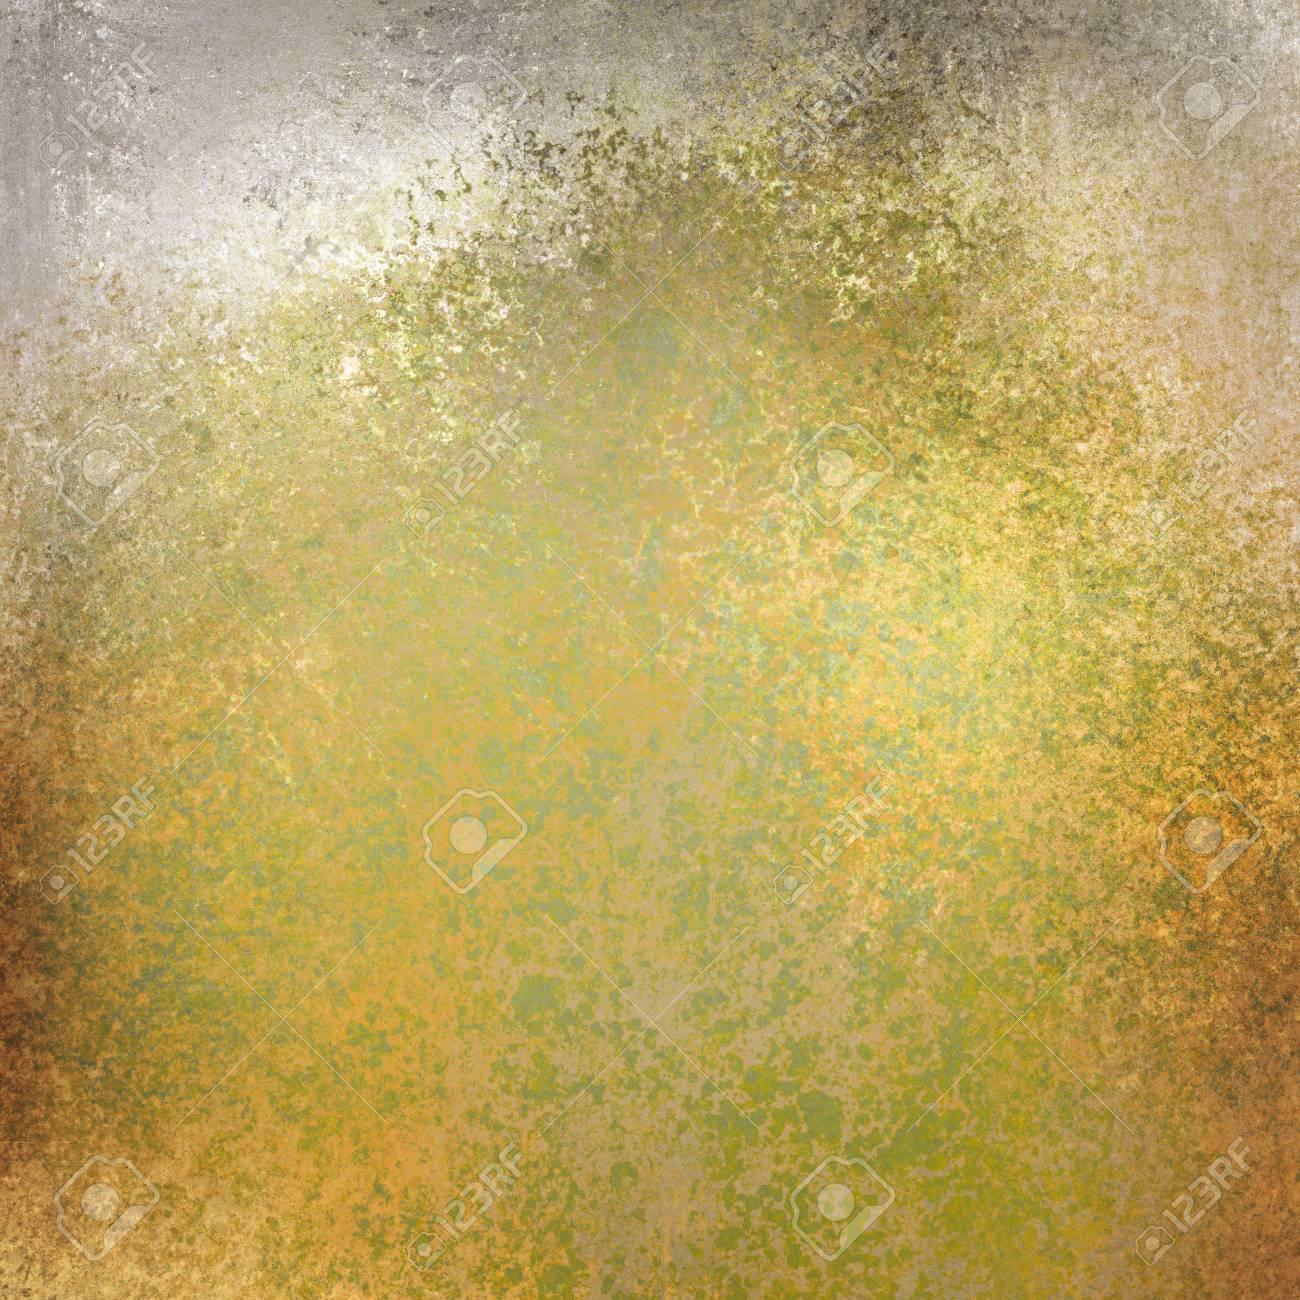 Gold Und Grünem Hintergrund Mit Distressed Textur Flecken ...